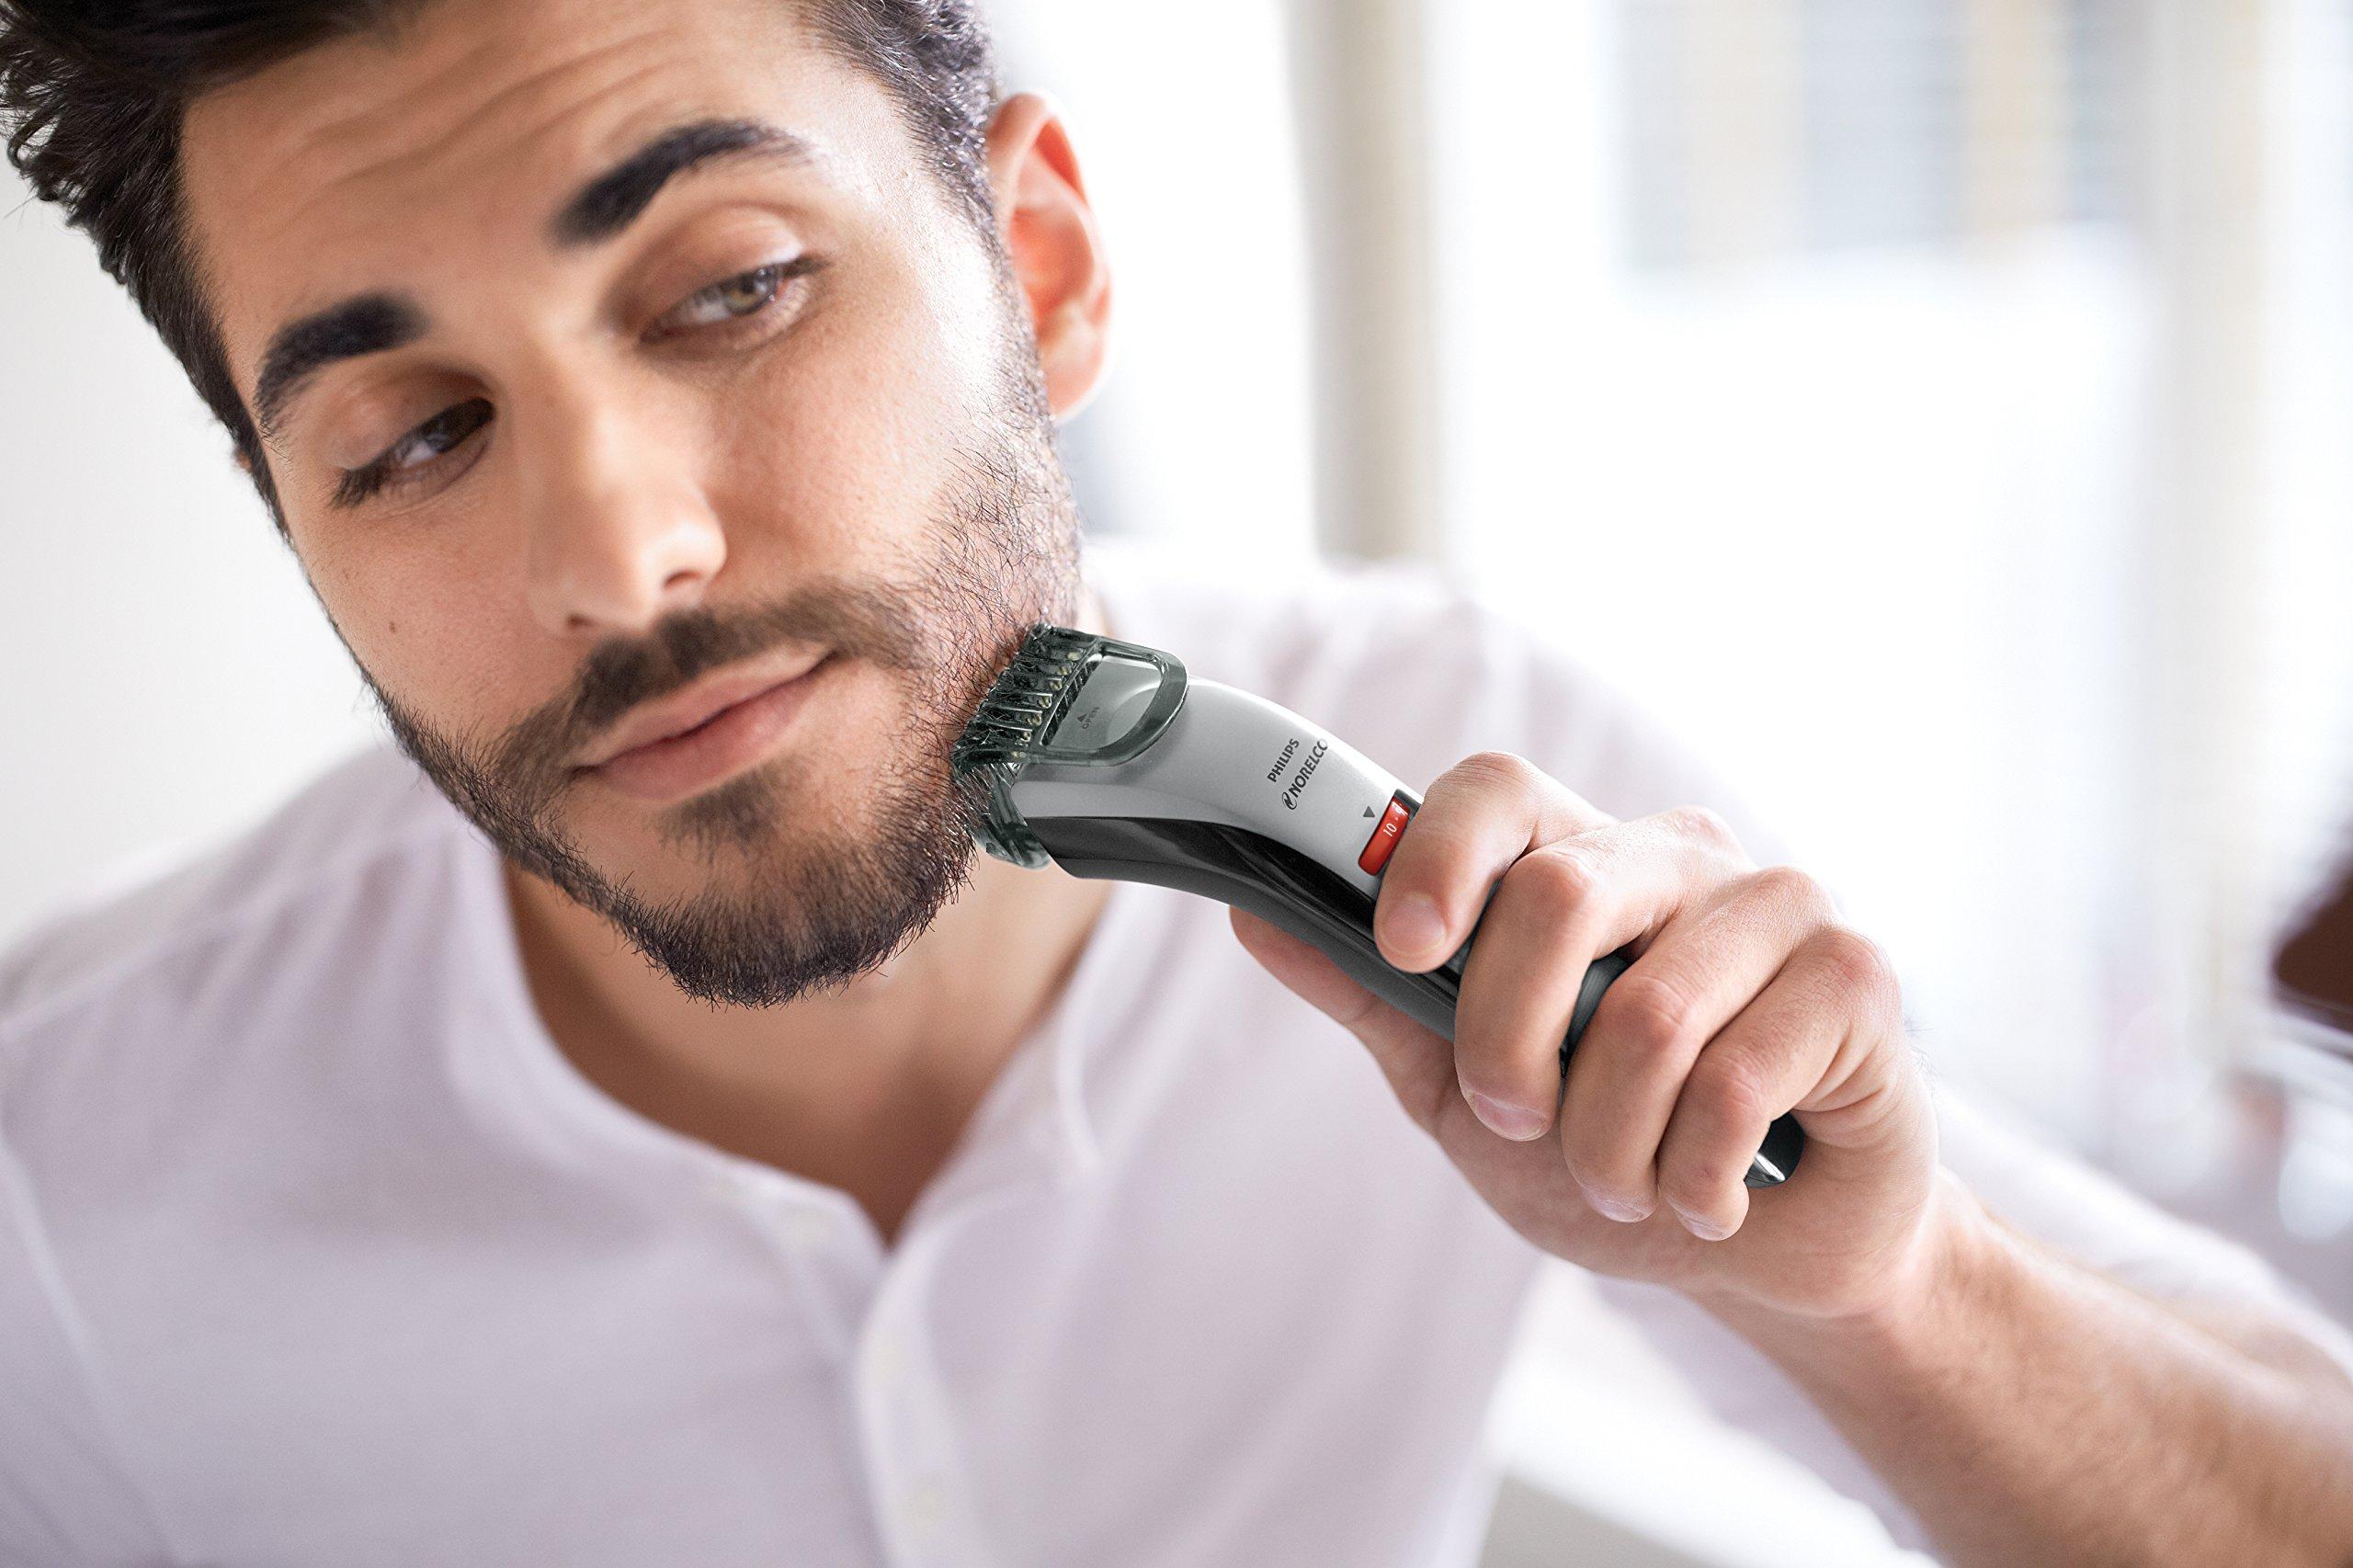 beard trimmer reviews au braun cruzer 3 in 1 trimmer review beard trimmer reviews review. Black Bedroom Furniture Sets. Home Design Ideas